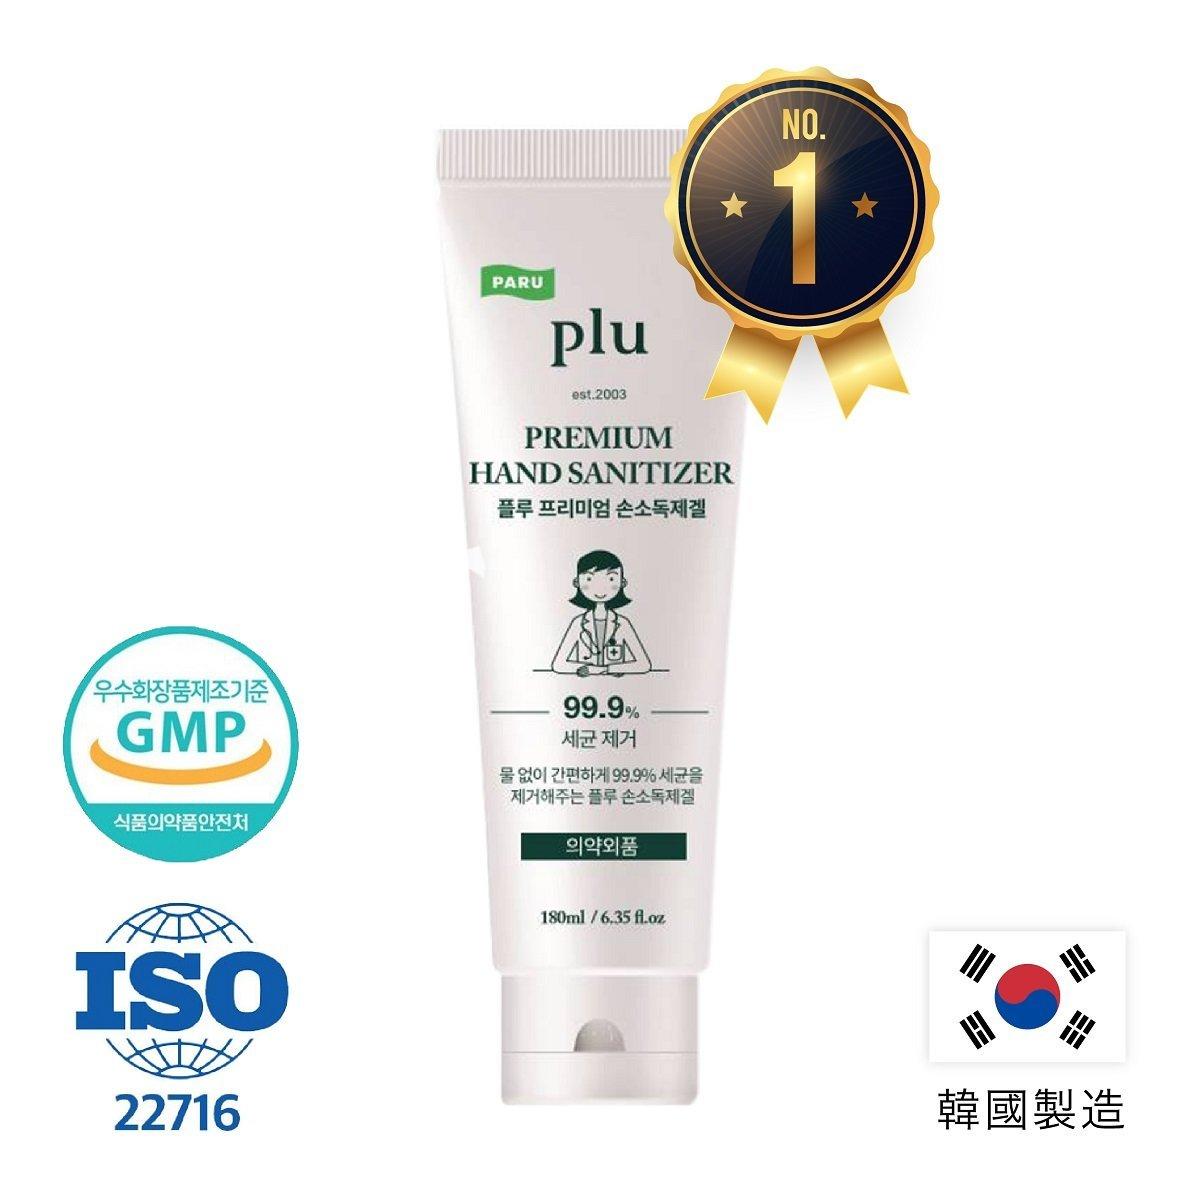 (本草檸檬香味) 180ml  99.9% 抗菌免沖洗搓手消毒液 (含62% 酒精 )韓國KTR認證